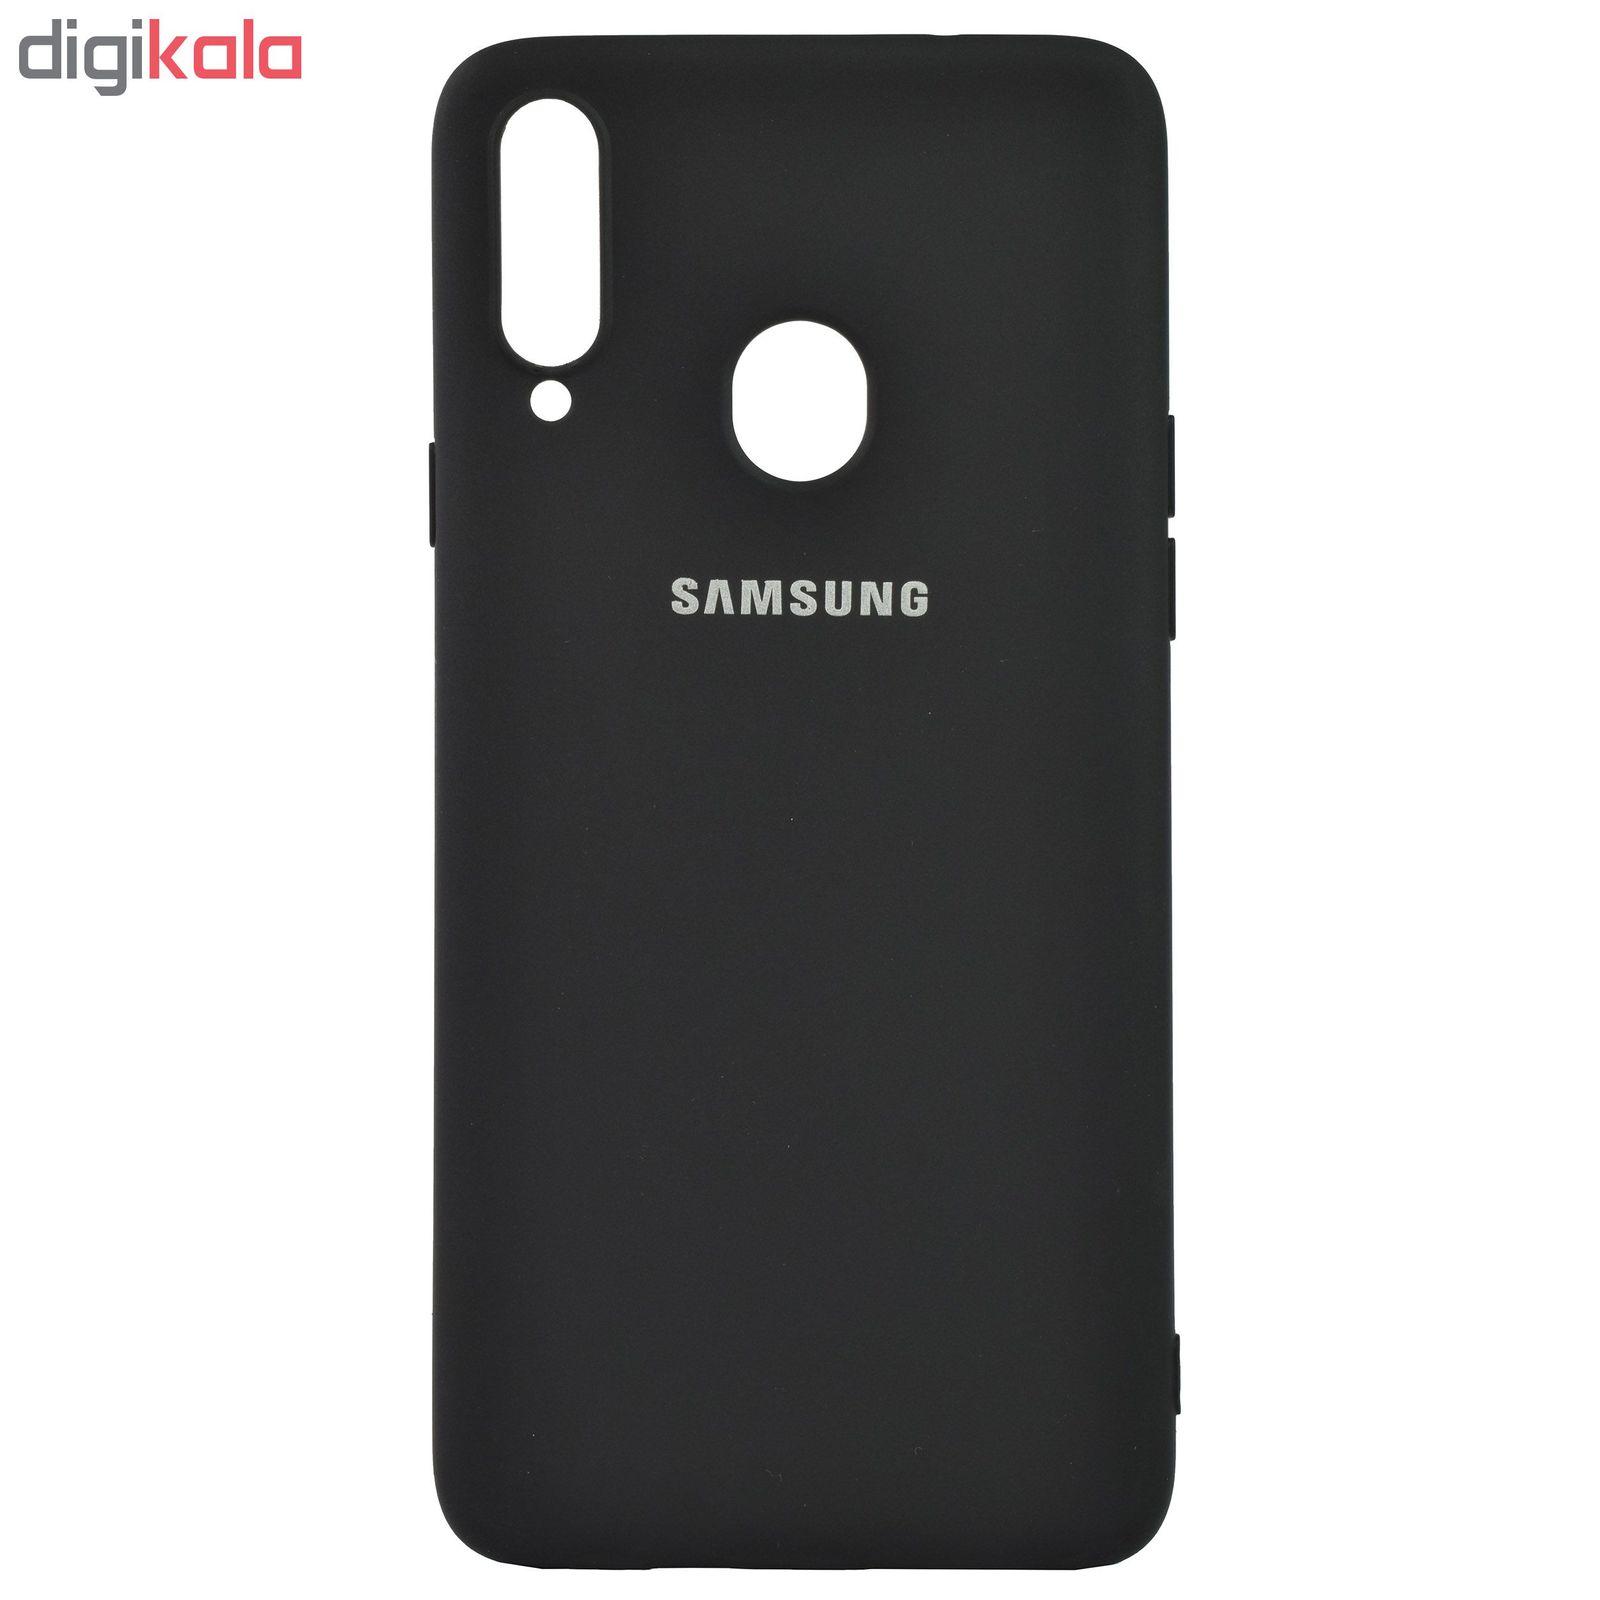 کاور مدل SC20 مناسب برای گوشی موبایل سامسونگ Galaxy A20s main 1 2